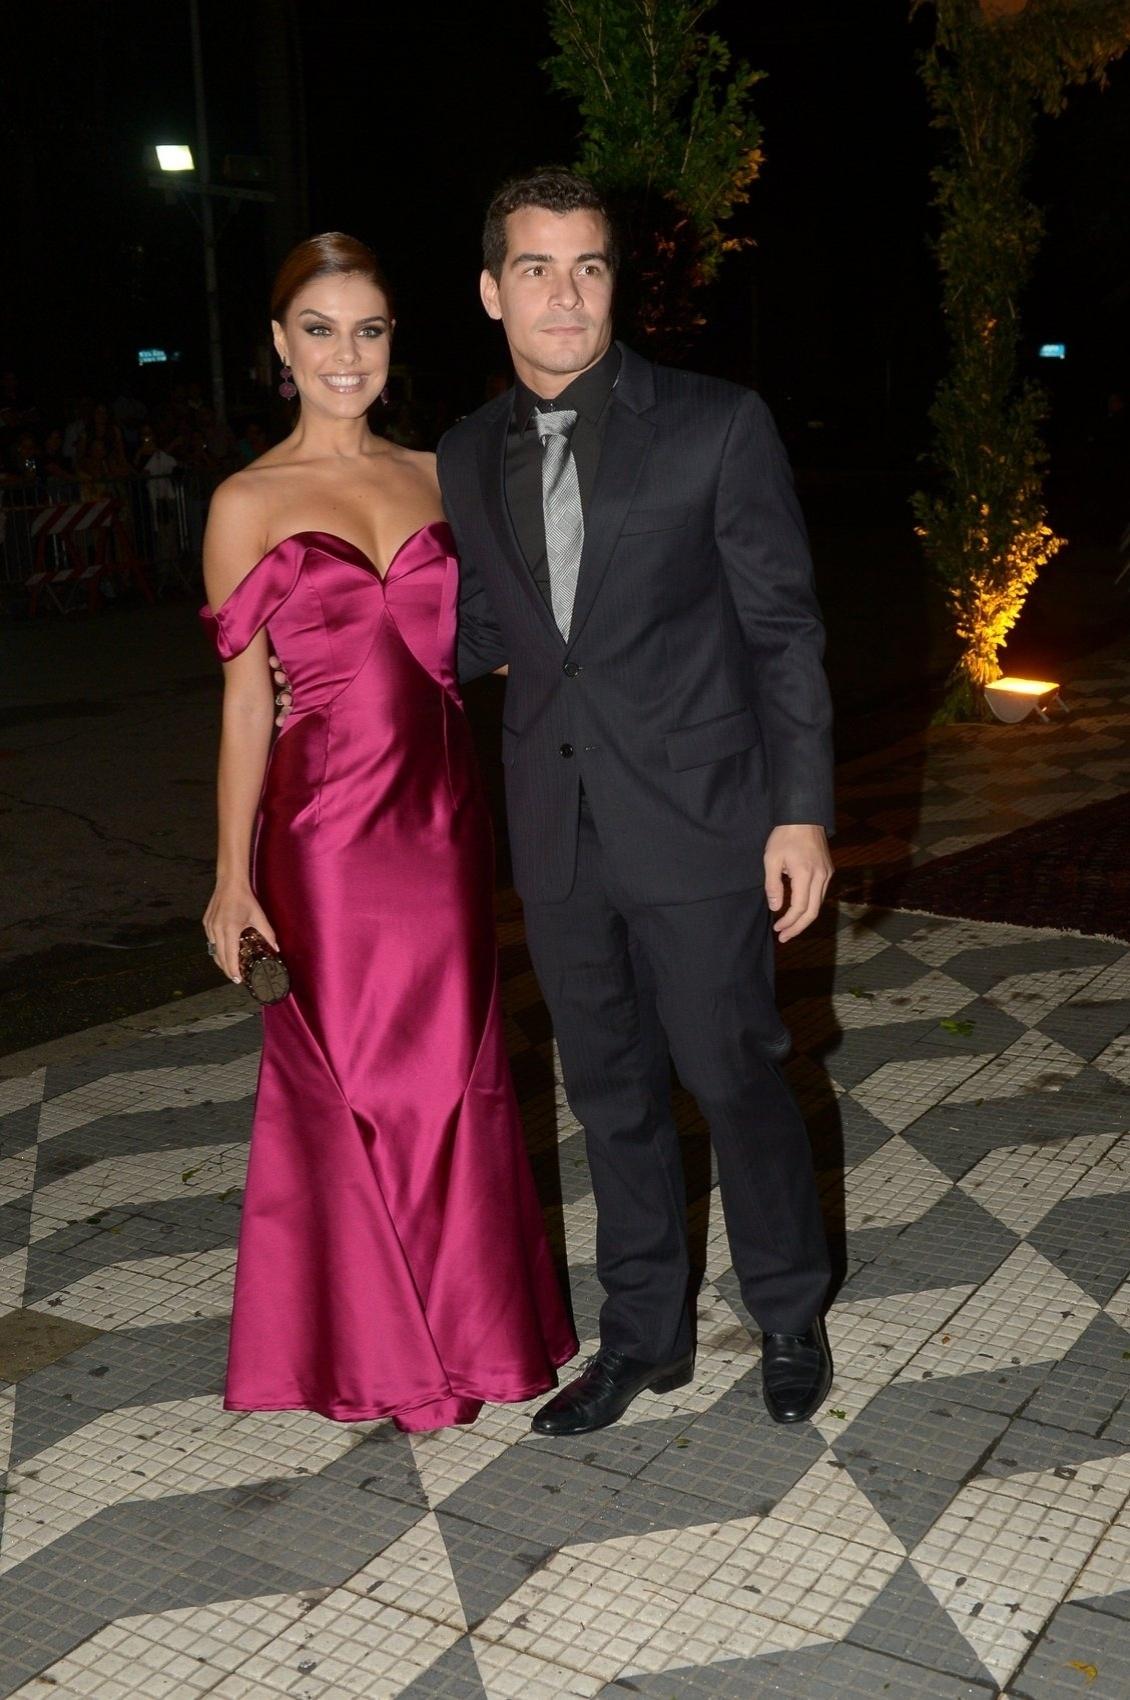 24.fev.2015 - A atriz Paloma Bernadi e o ator e cantor Thiago Martins chegam para o casamento de Thiaguinho e Fernanda Souza